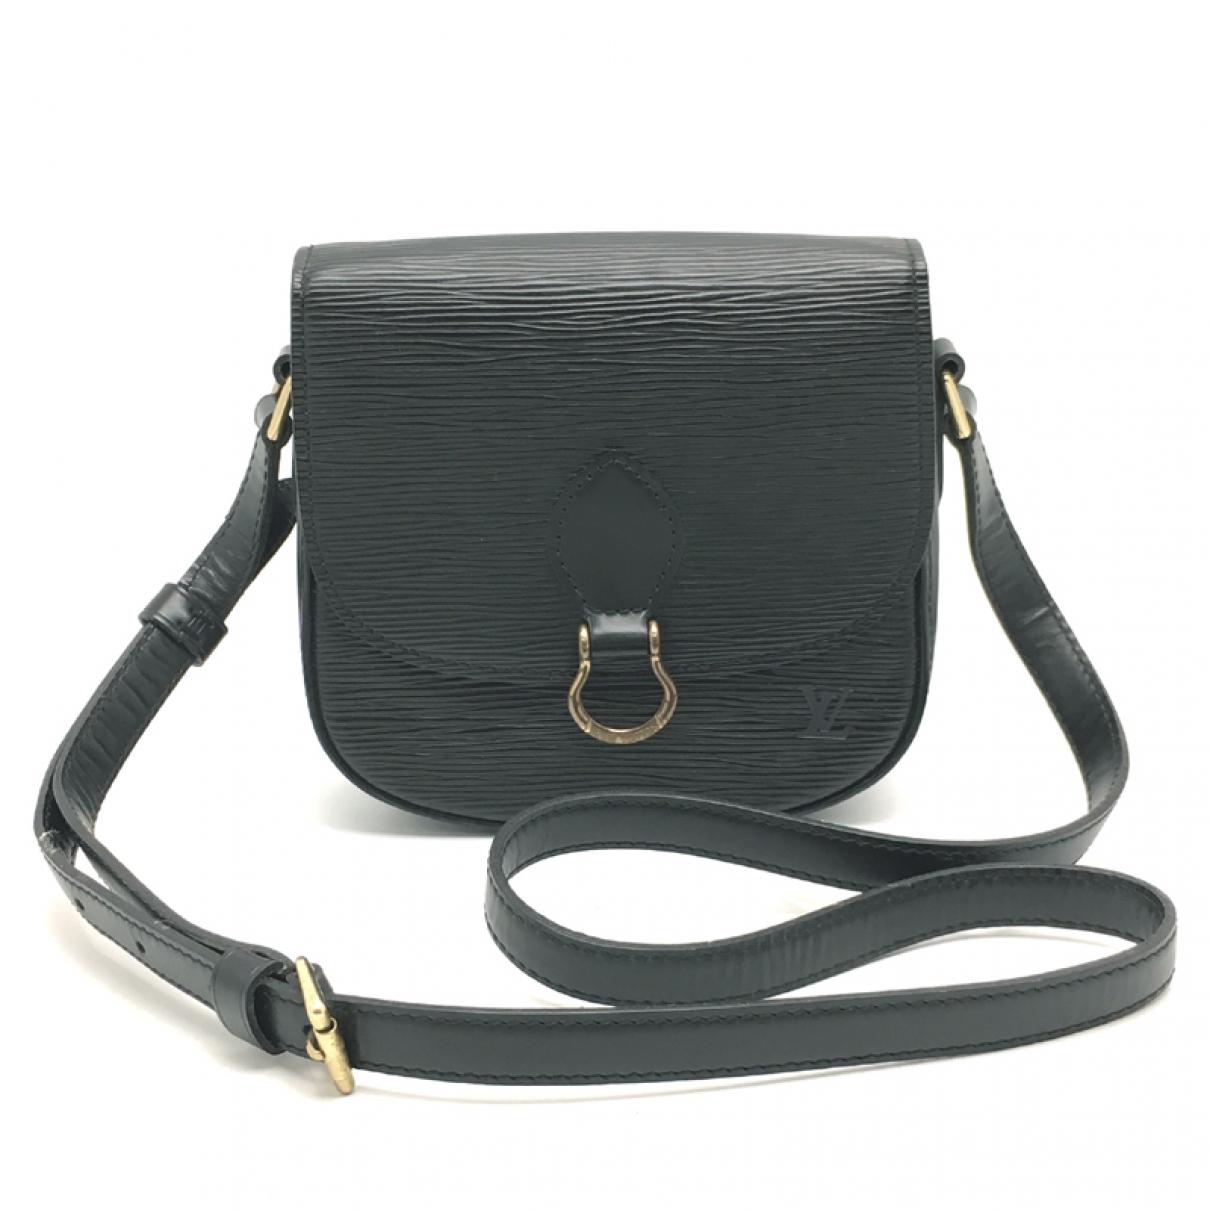 Louis Vuitton - Sac a main Saint Cloud vintage pour femme en cuir - noir